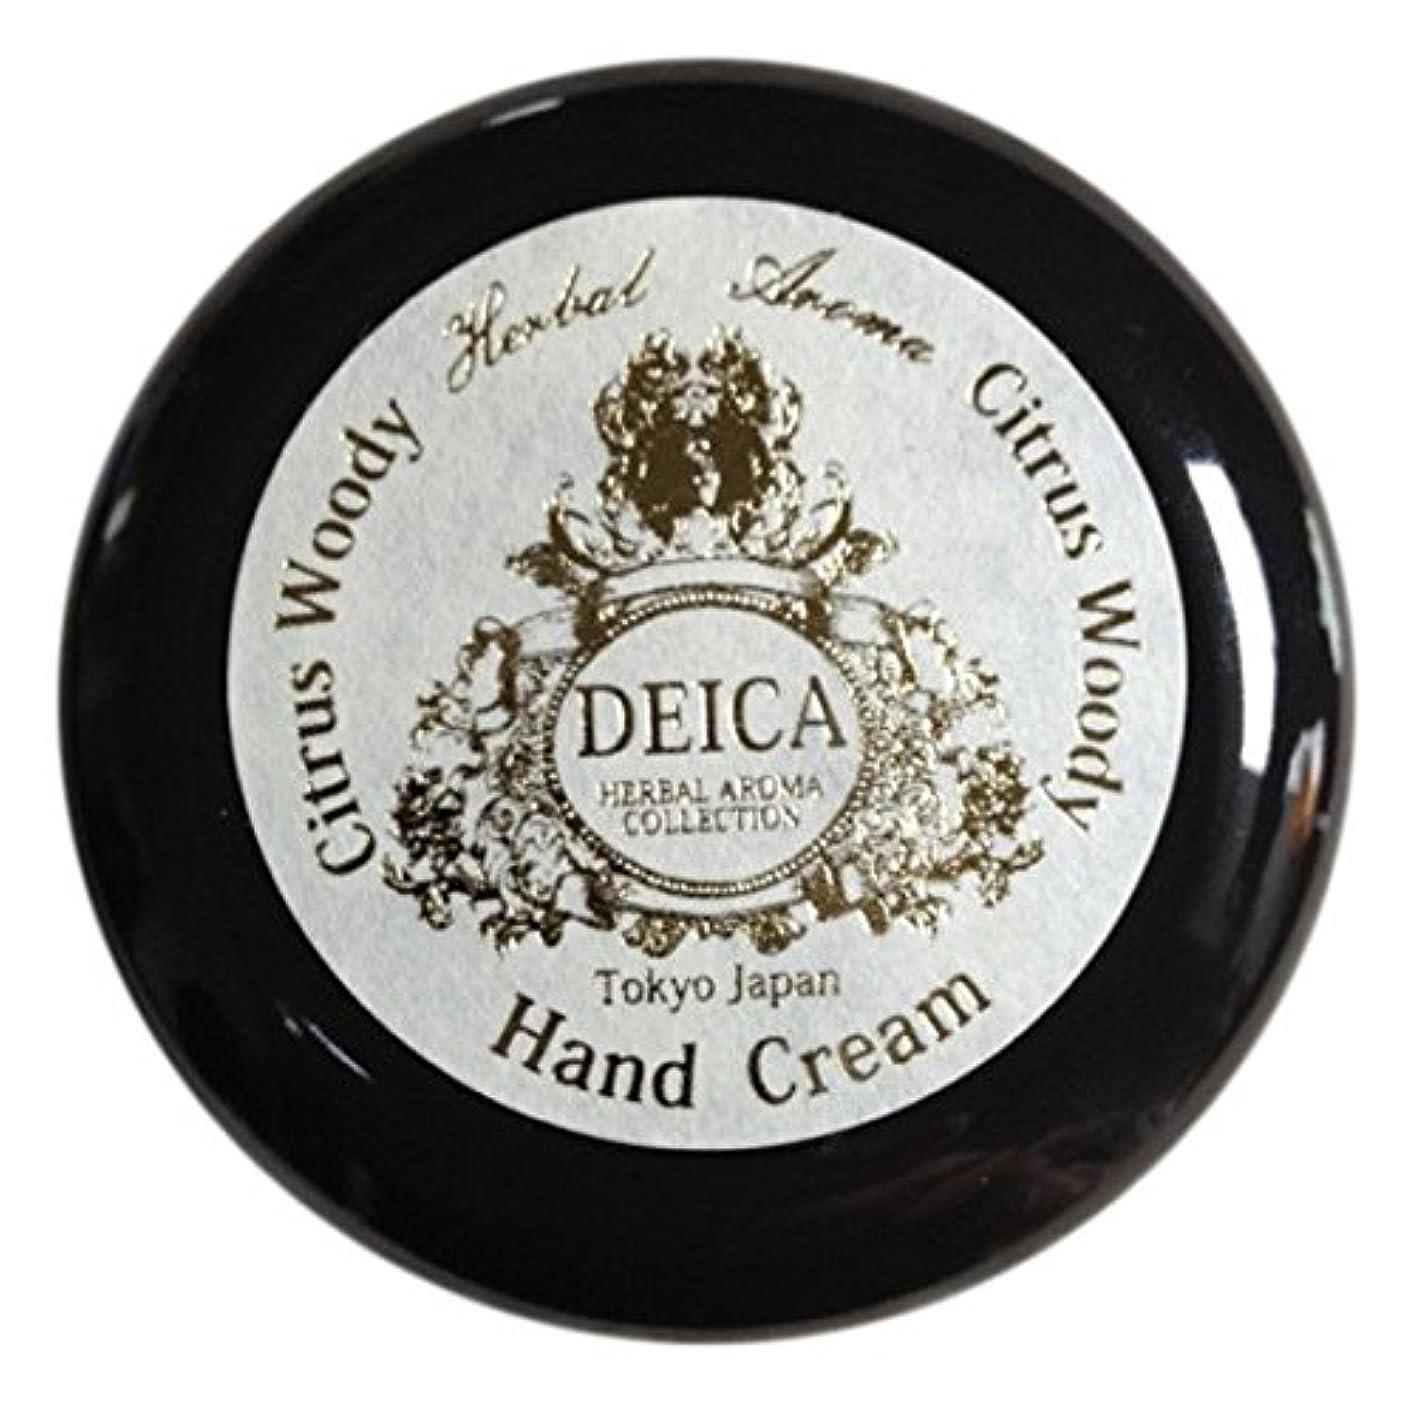 なすシビック意識DEICA ハーバルアロマ ハンドクリーム シトラスウッディ